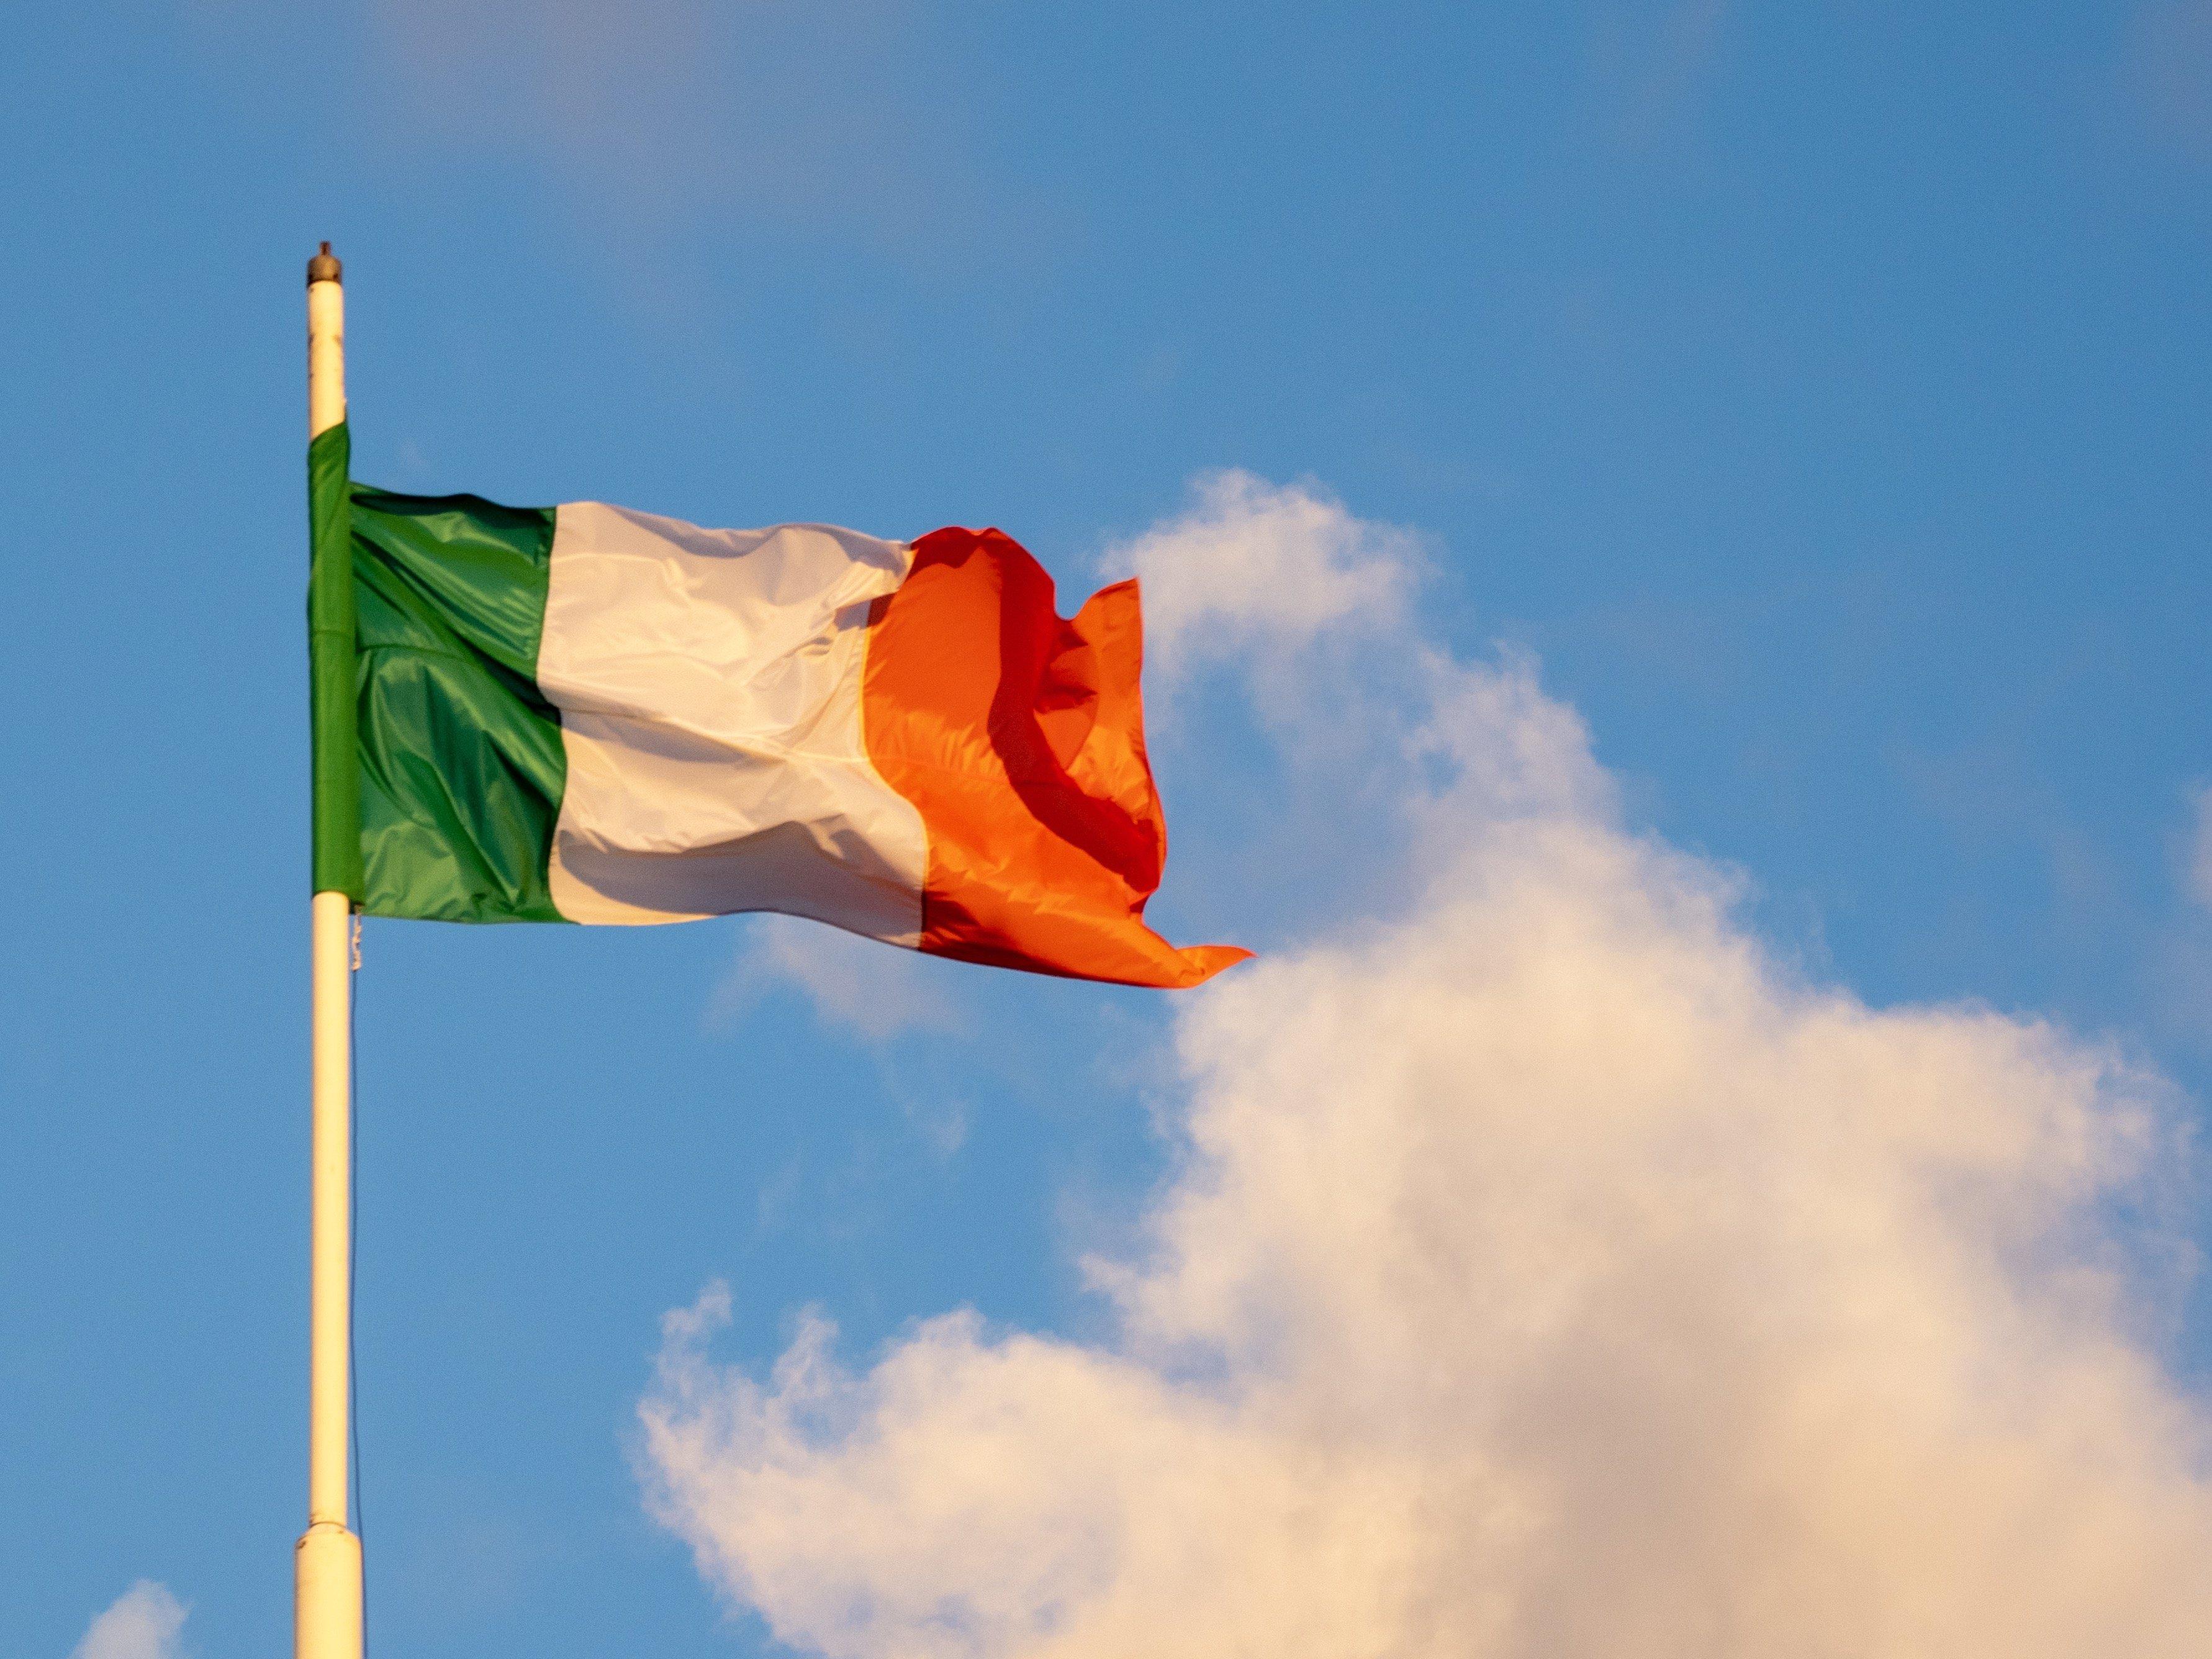 L'Irlande ouvrira une ambassade au Maroc en 2020 pour créer de nouveaux marchés